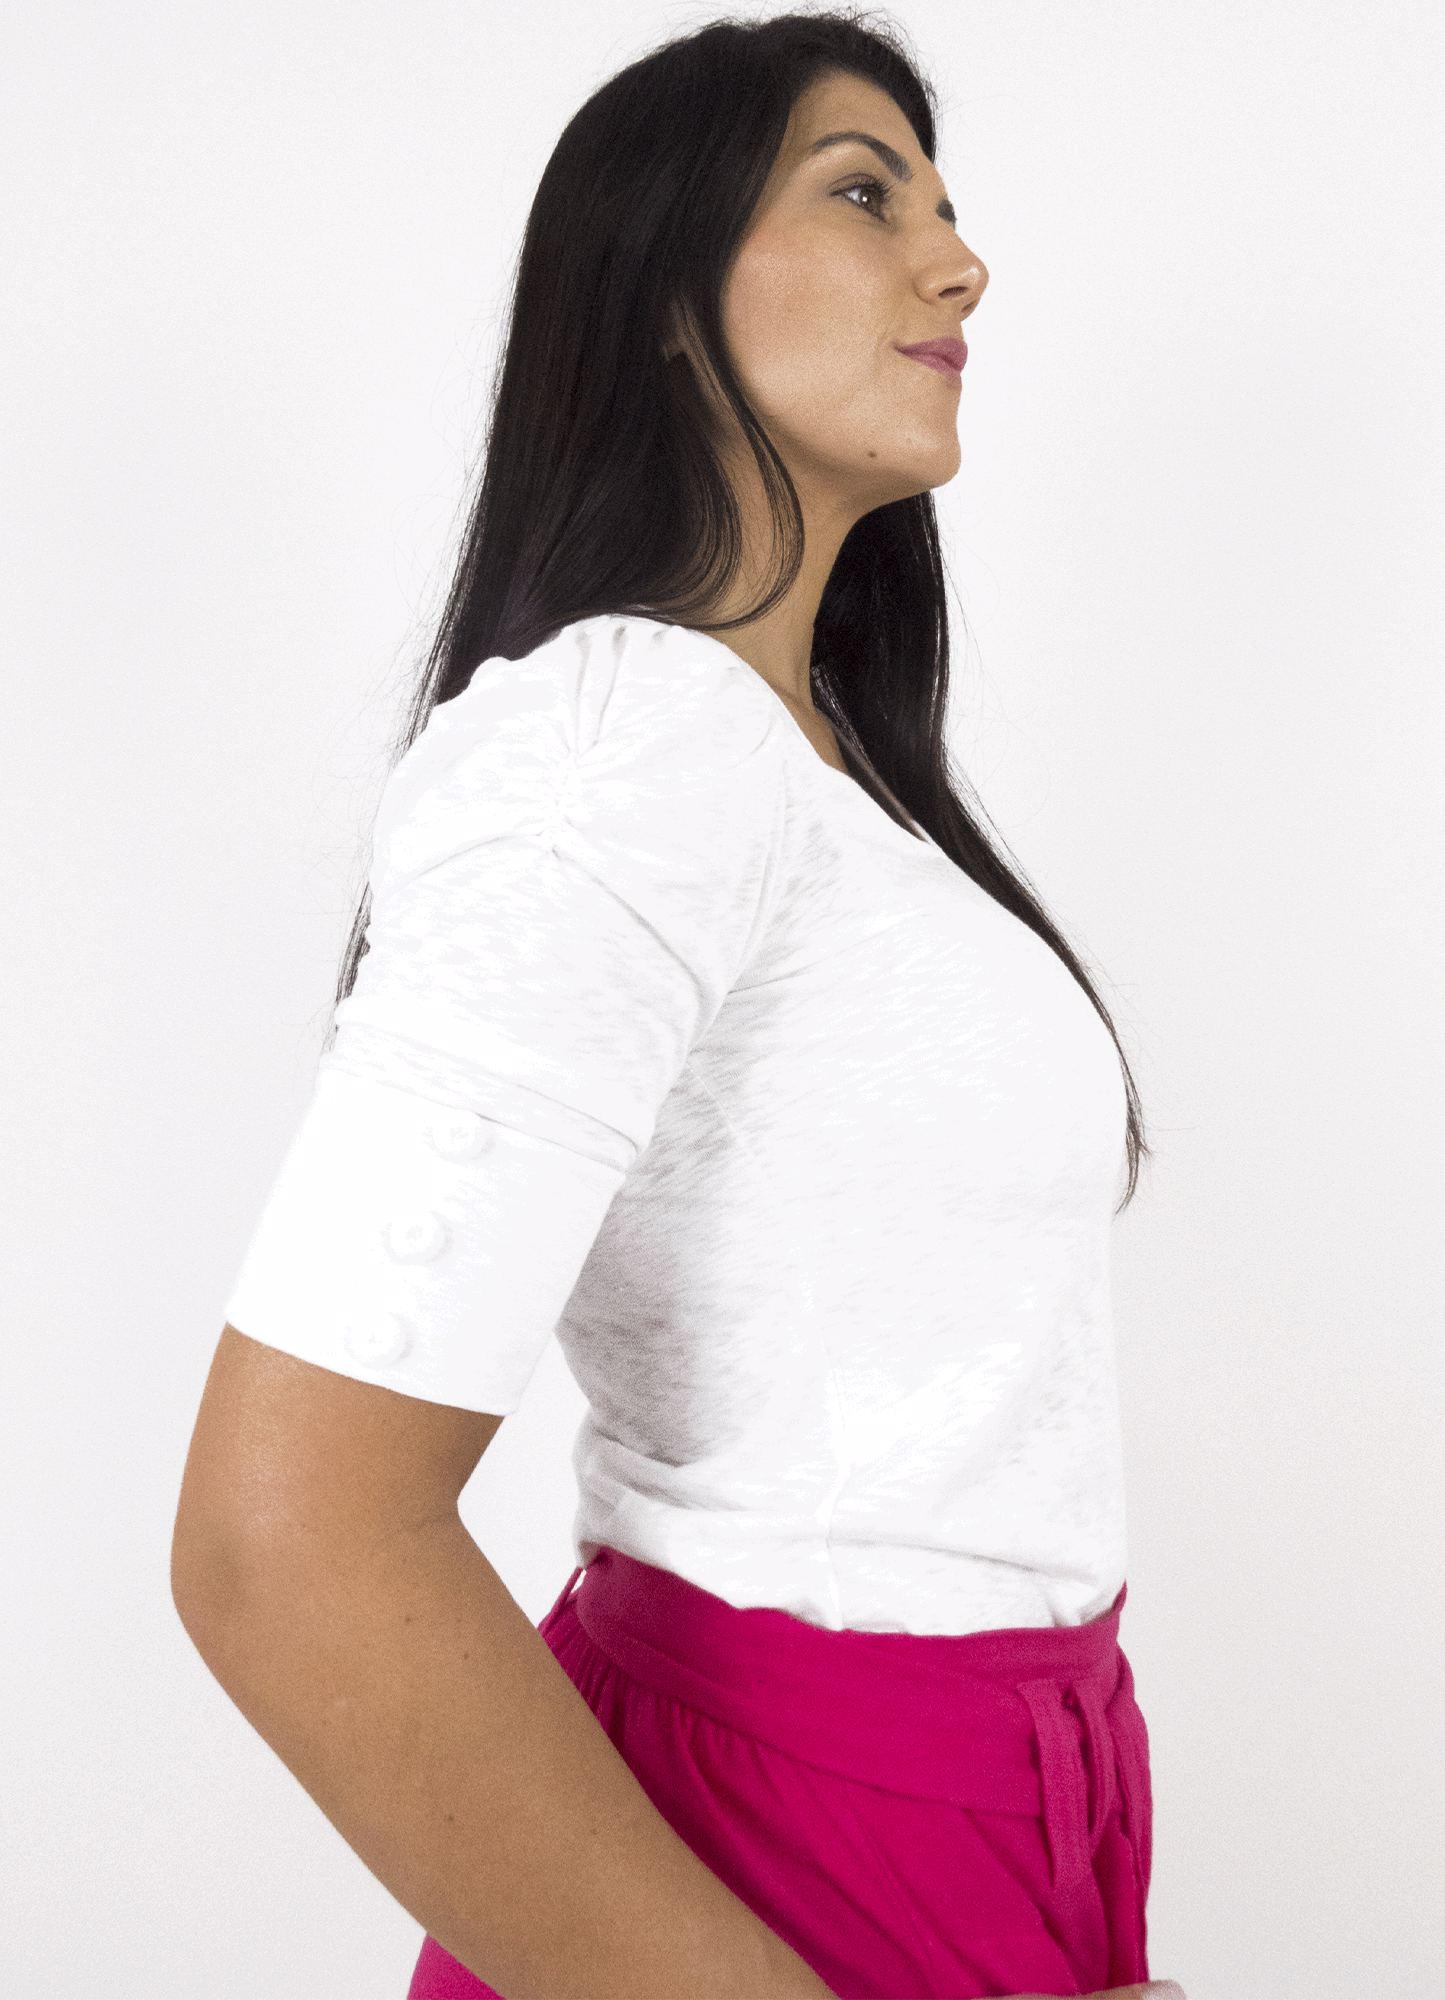 Blusa Feminina Tecido Flame com Levemente Relevo de Textura Off White Decote V Manga Bufante com Botões Decorativos